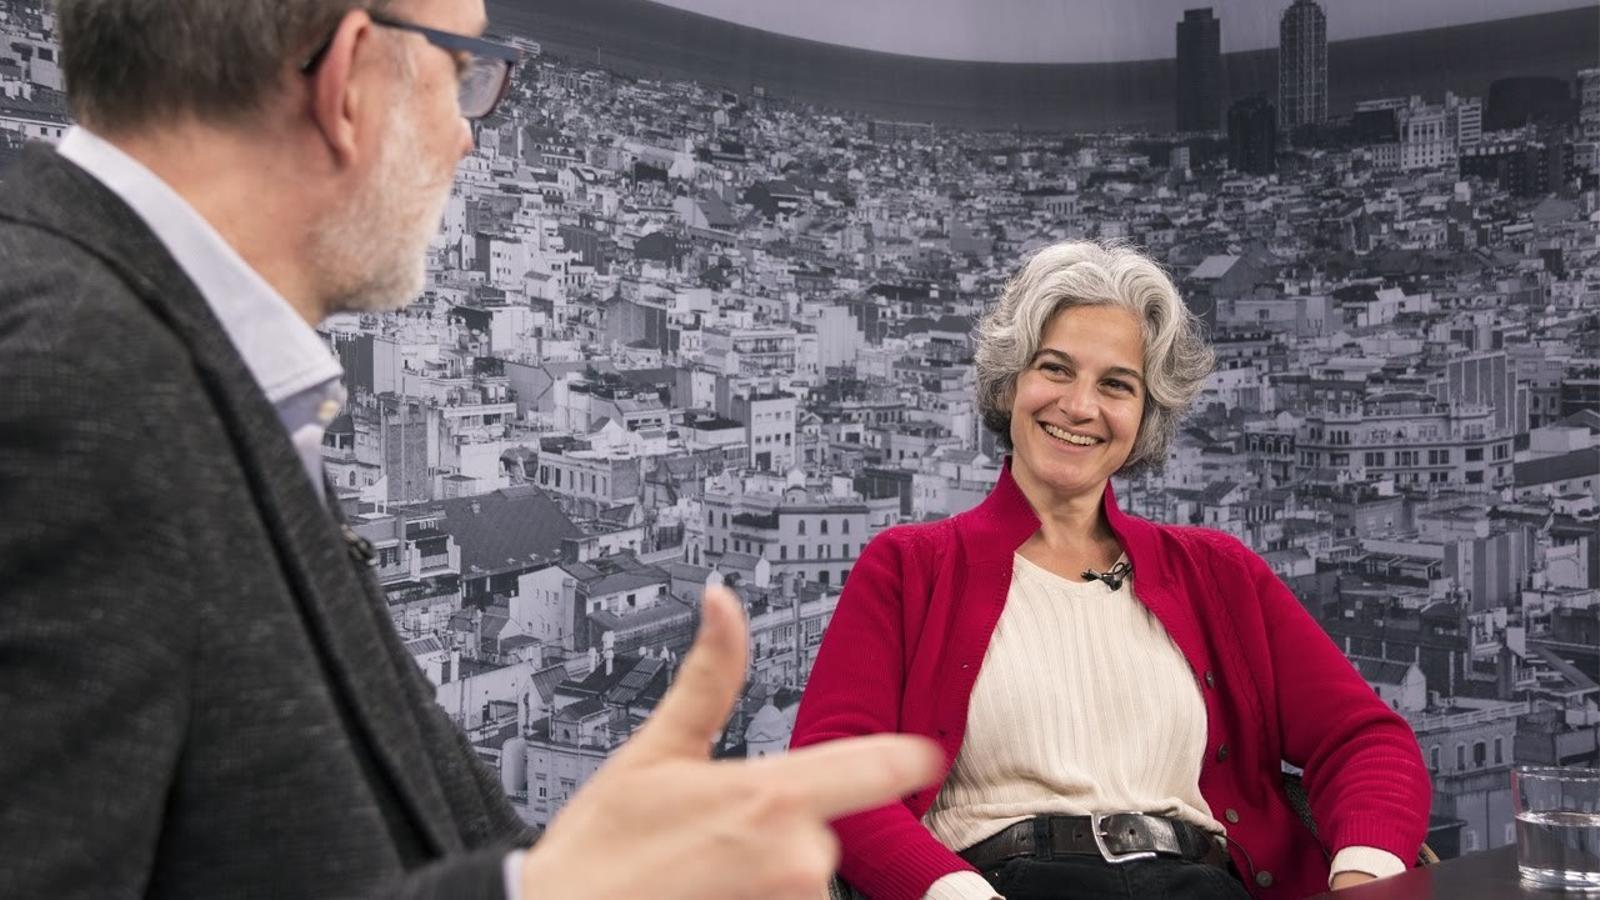 """Maria Bohigas: """"Un fotimer de gent va estudiar filologia catalana perquè tenia moltes sortides laborals, però la literatura se'ls en fotia"""""""